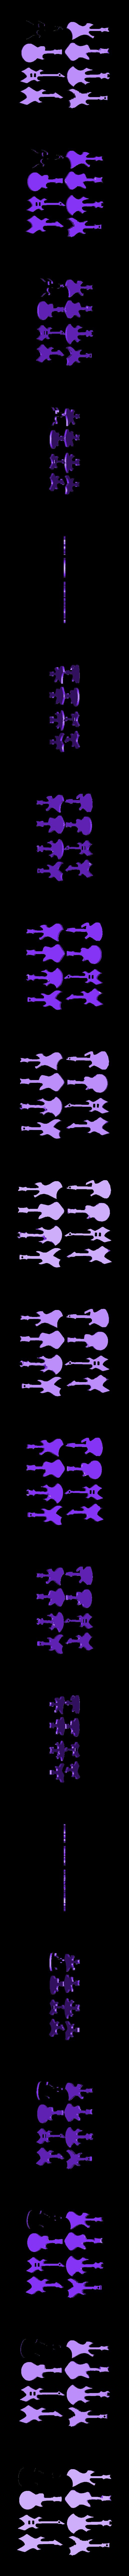 GUITAR_KEYCHAINS.stl Télécharger fichier STL gratuit Porte-clés Guitare • Design imprimable en 3D, Nanogram